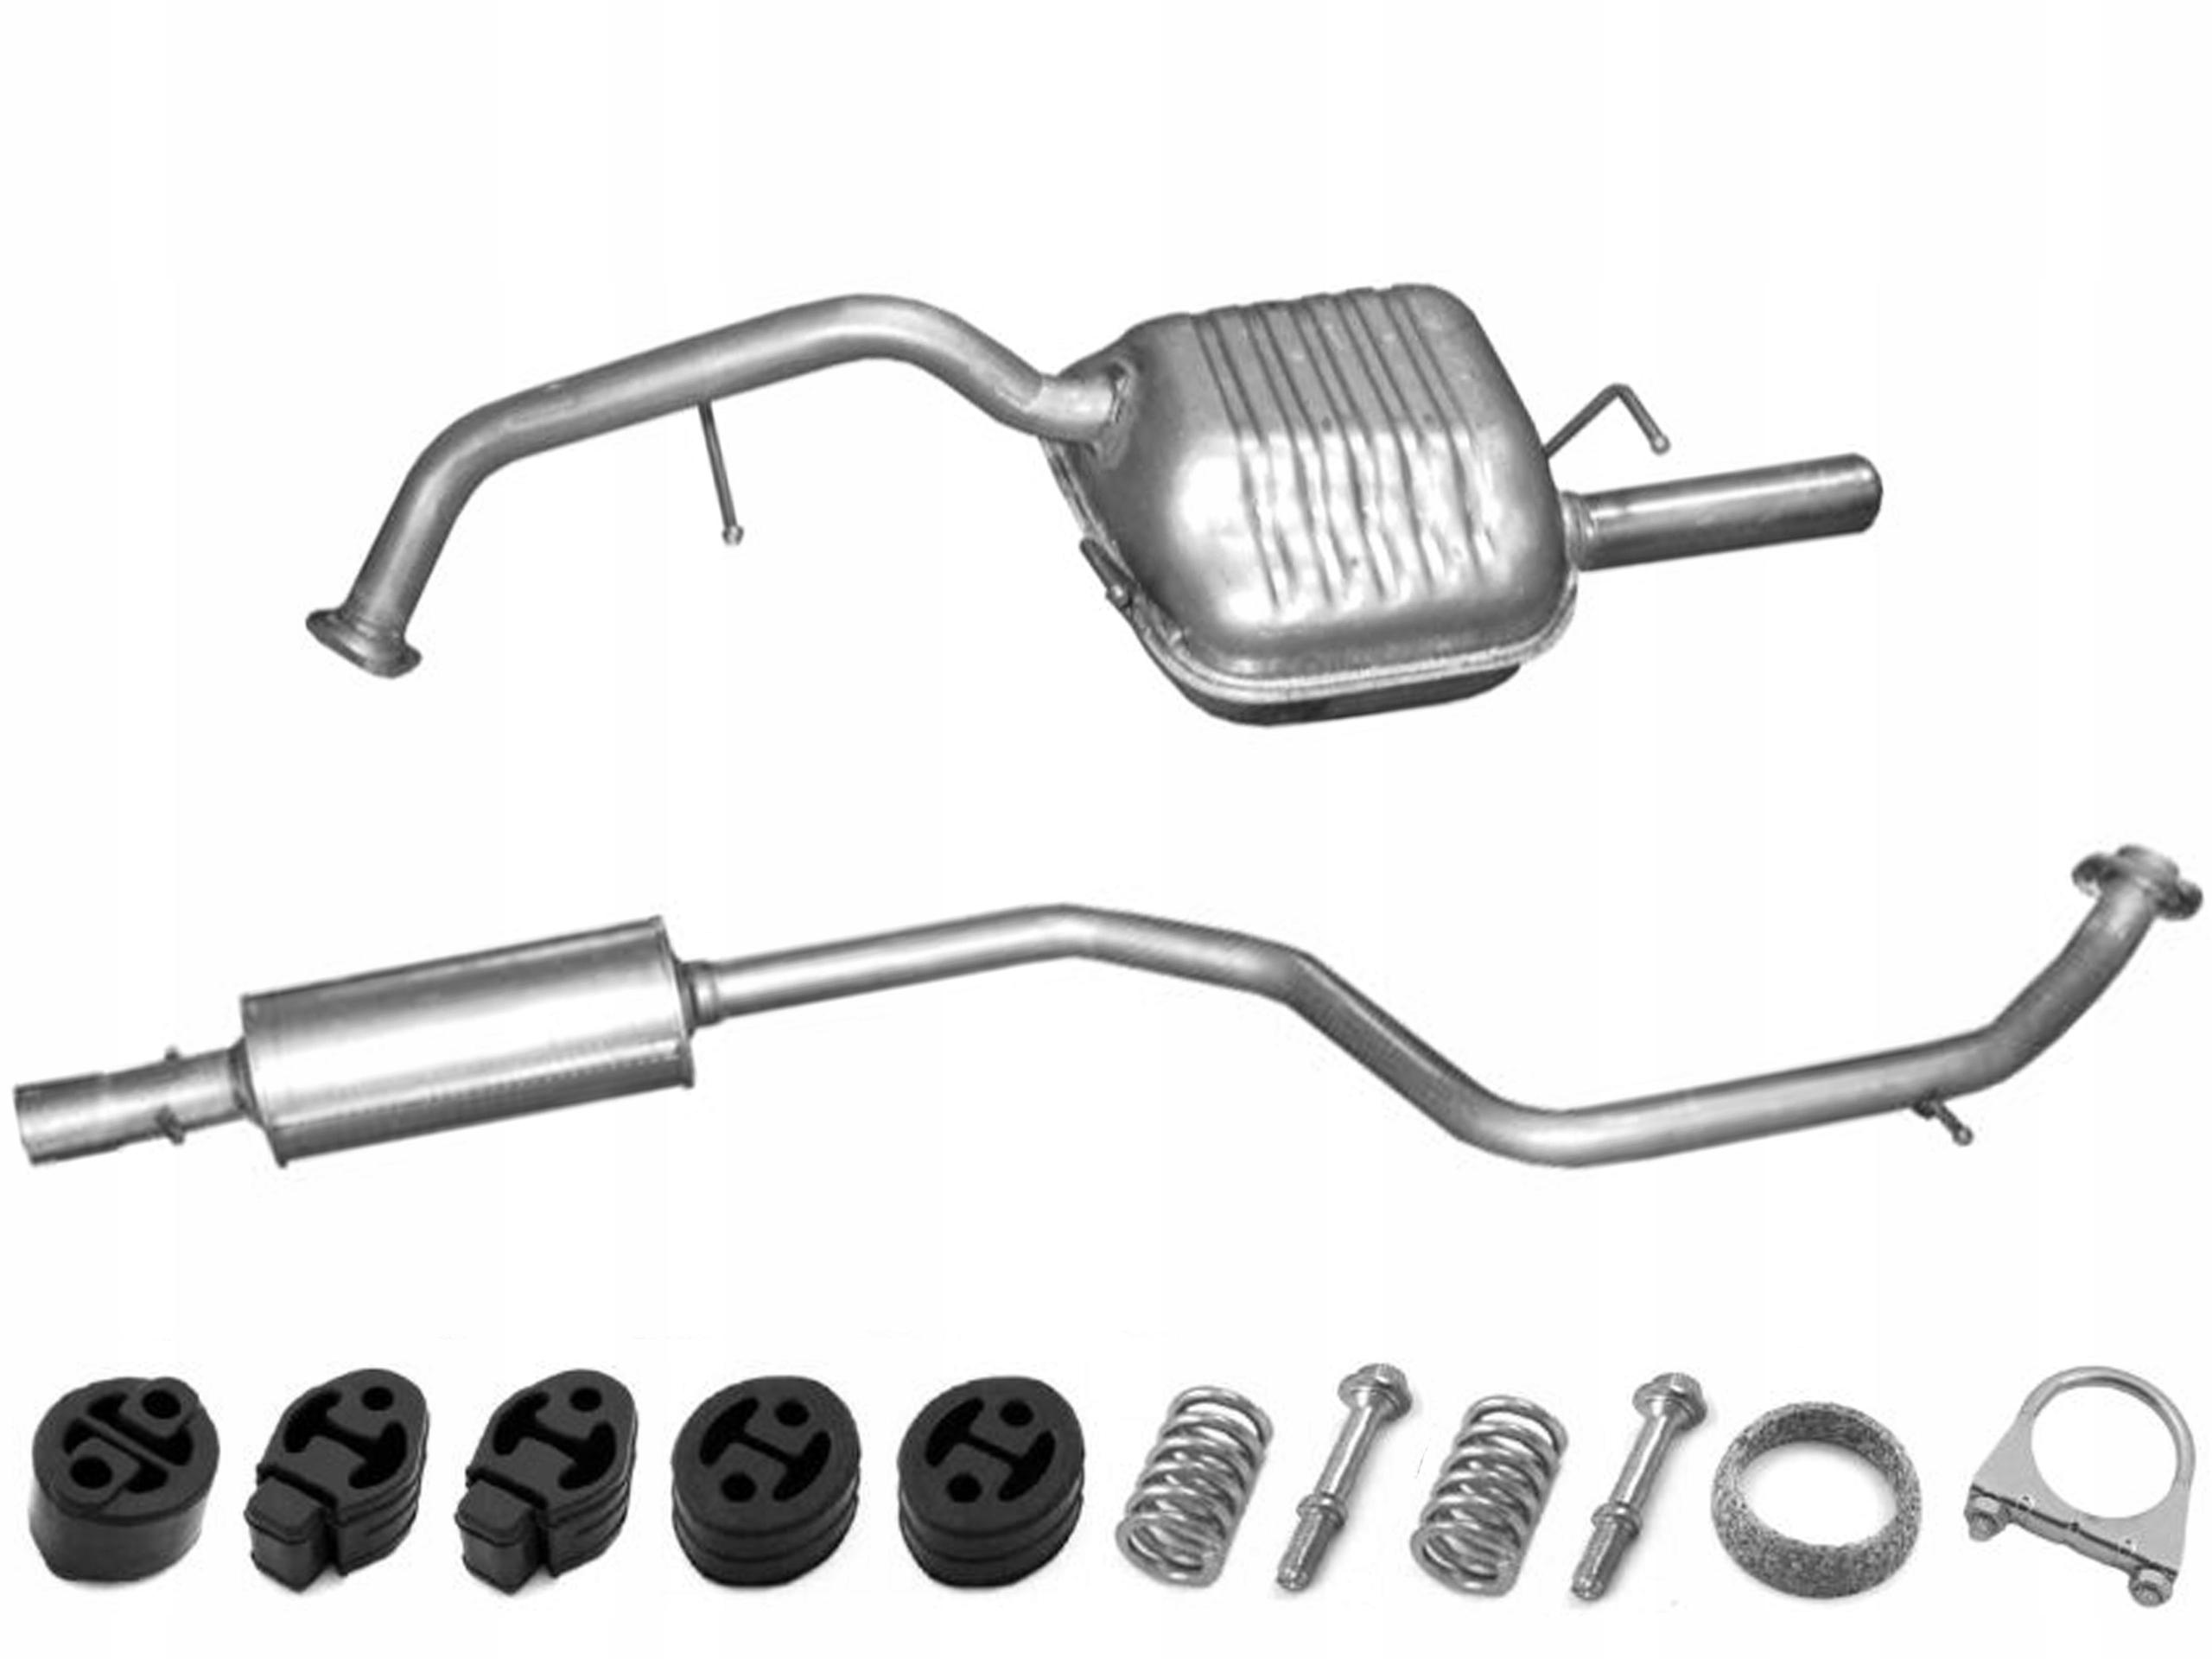 mazda 5 - 18  20 бензин глушители + макс комплект